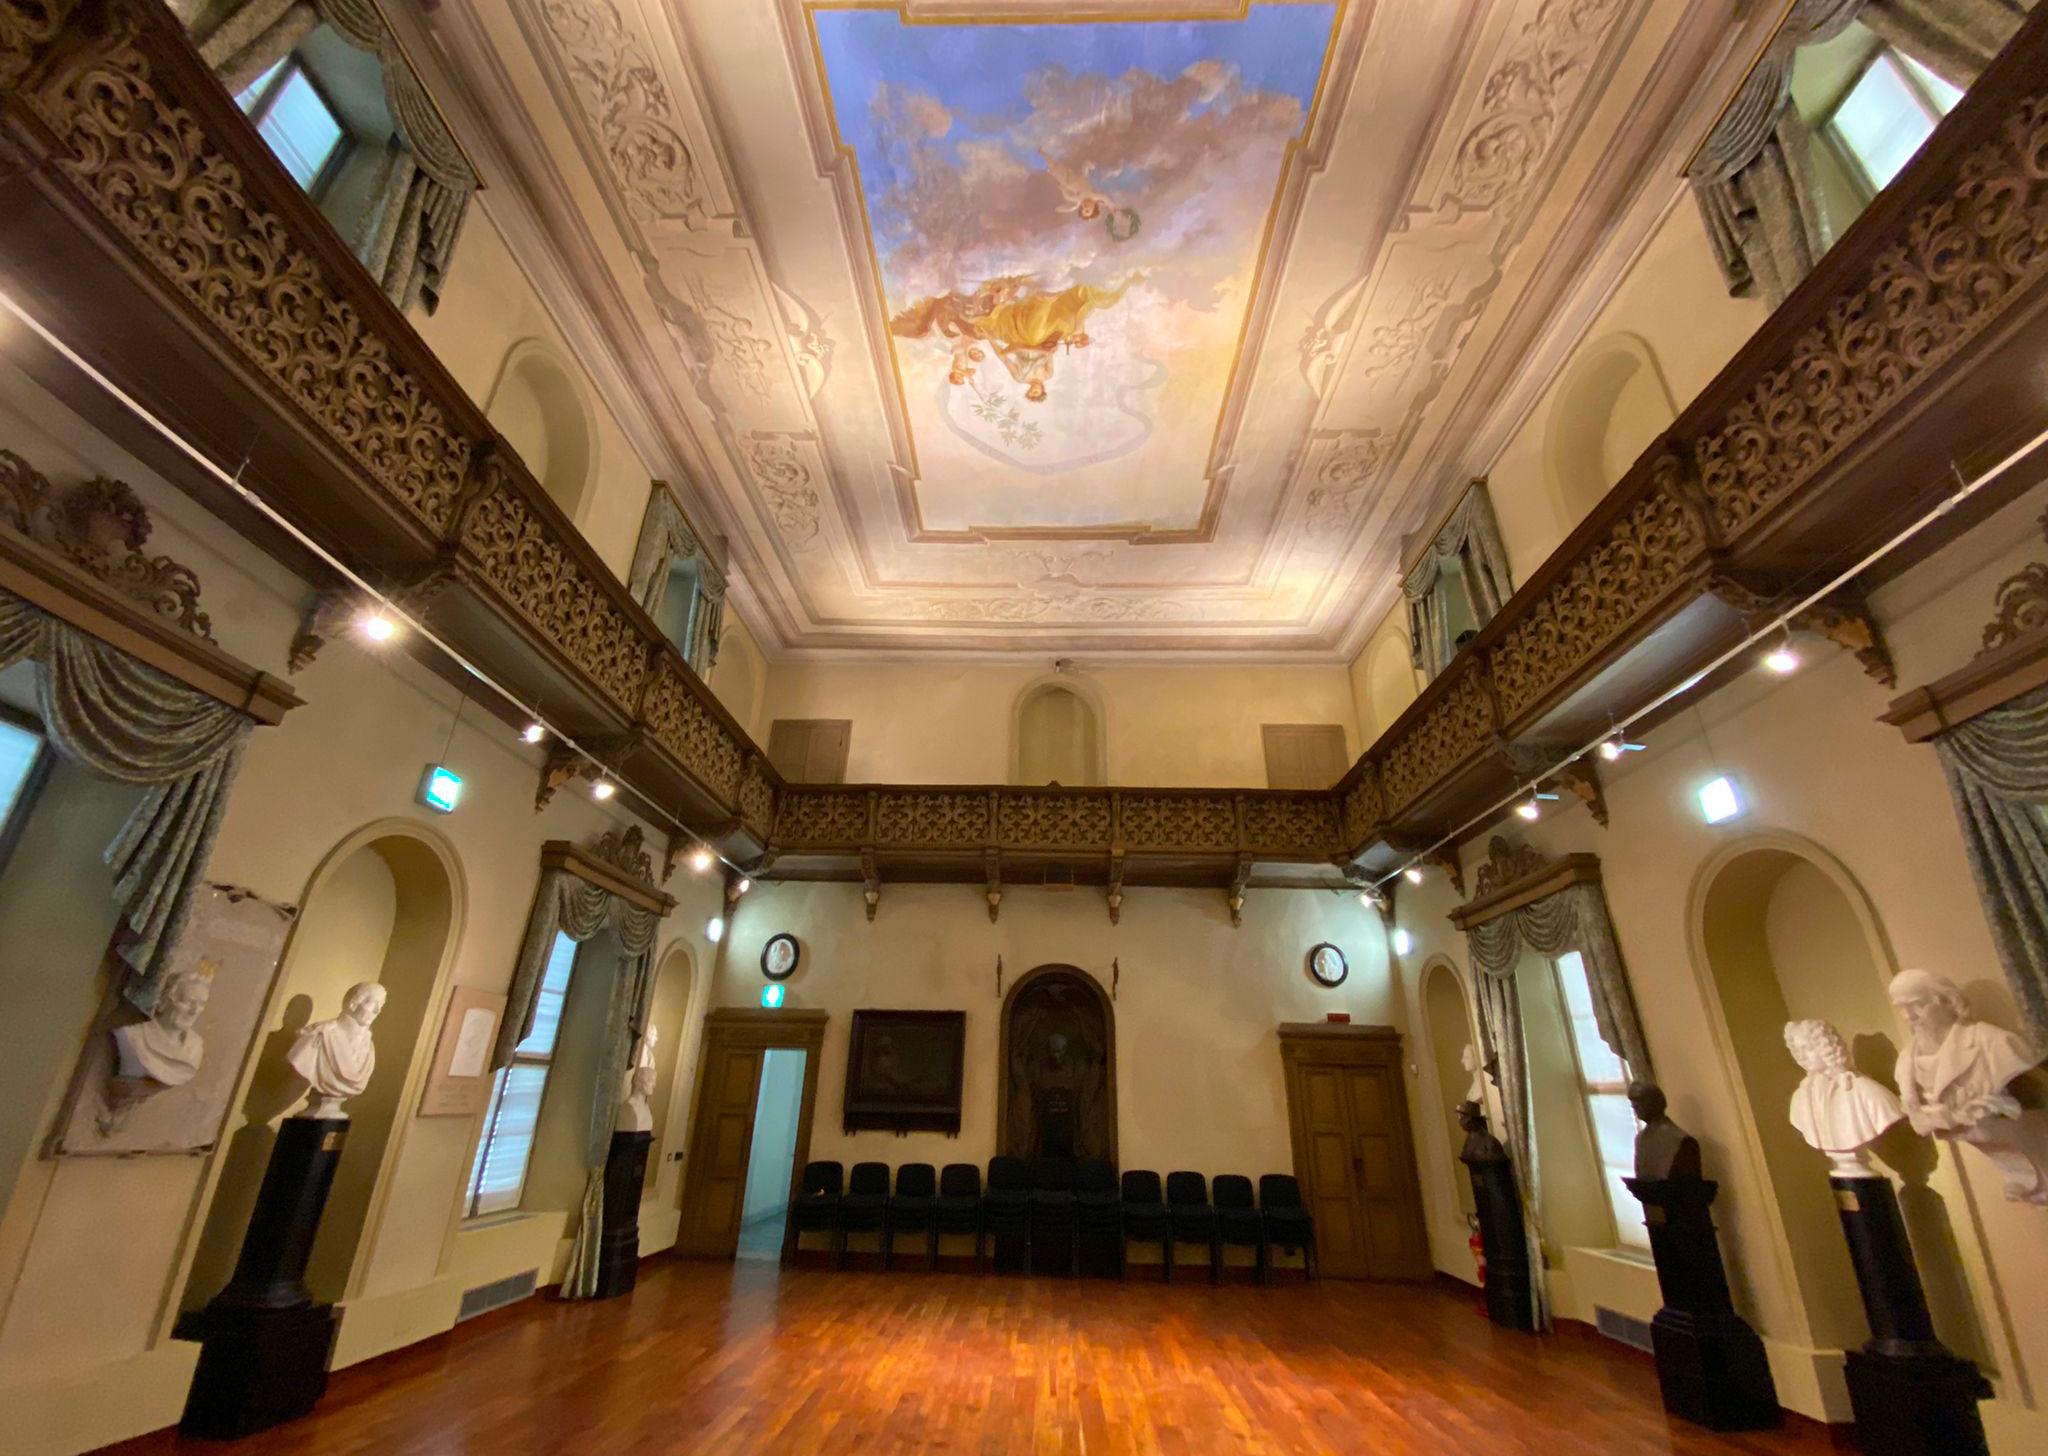 Palazzo dei Musei - Pinacoteca e Museo di Storia Naturale CalderinI